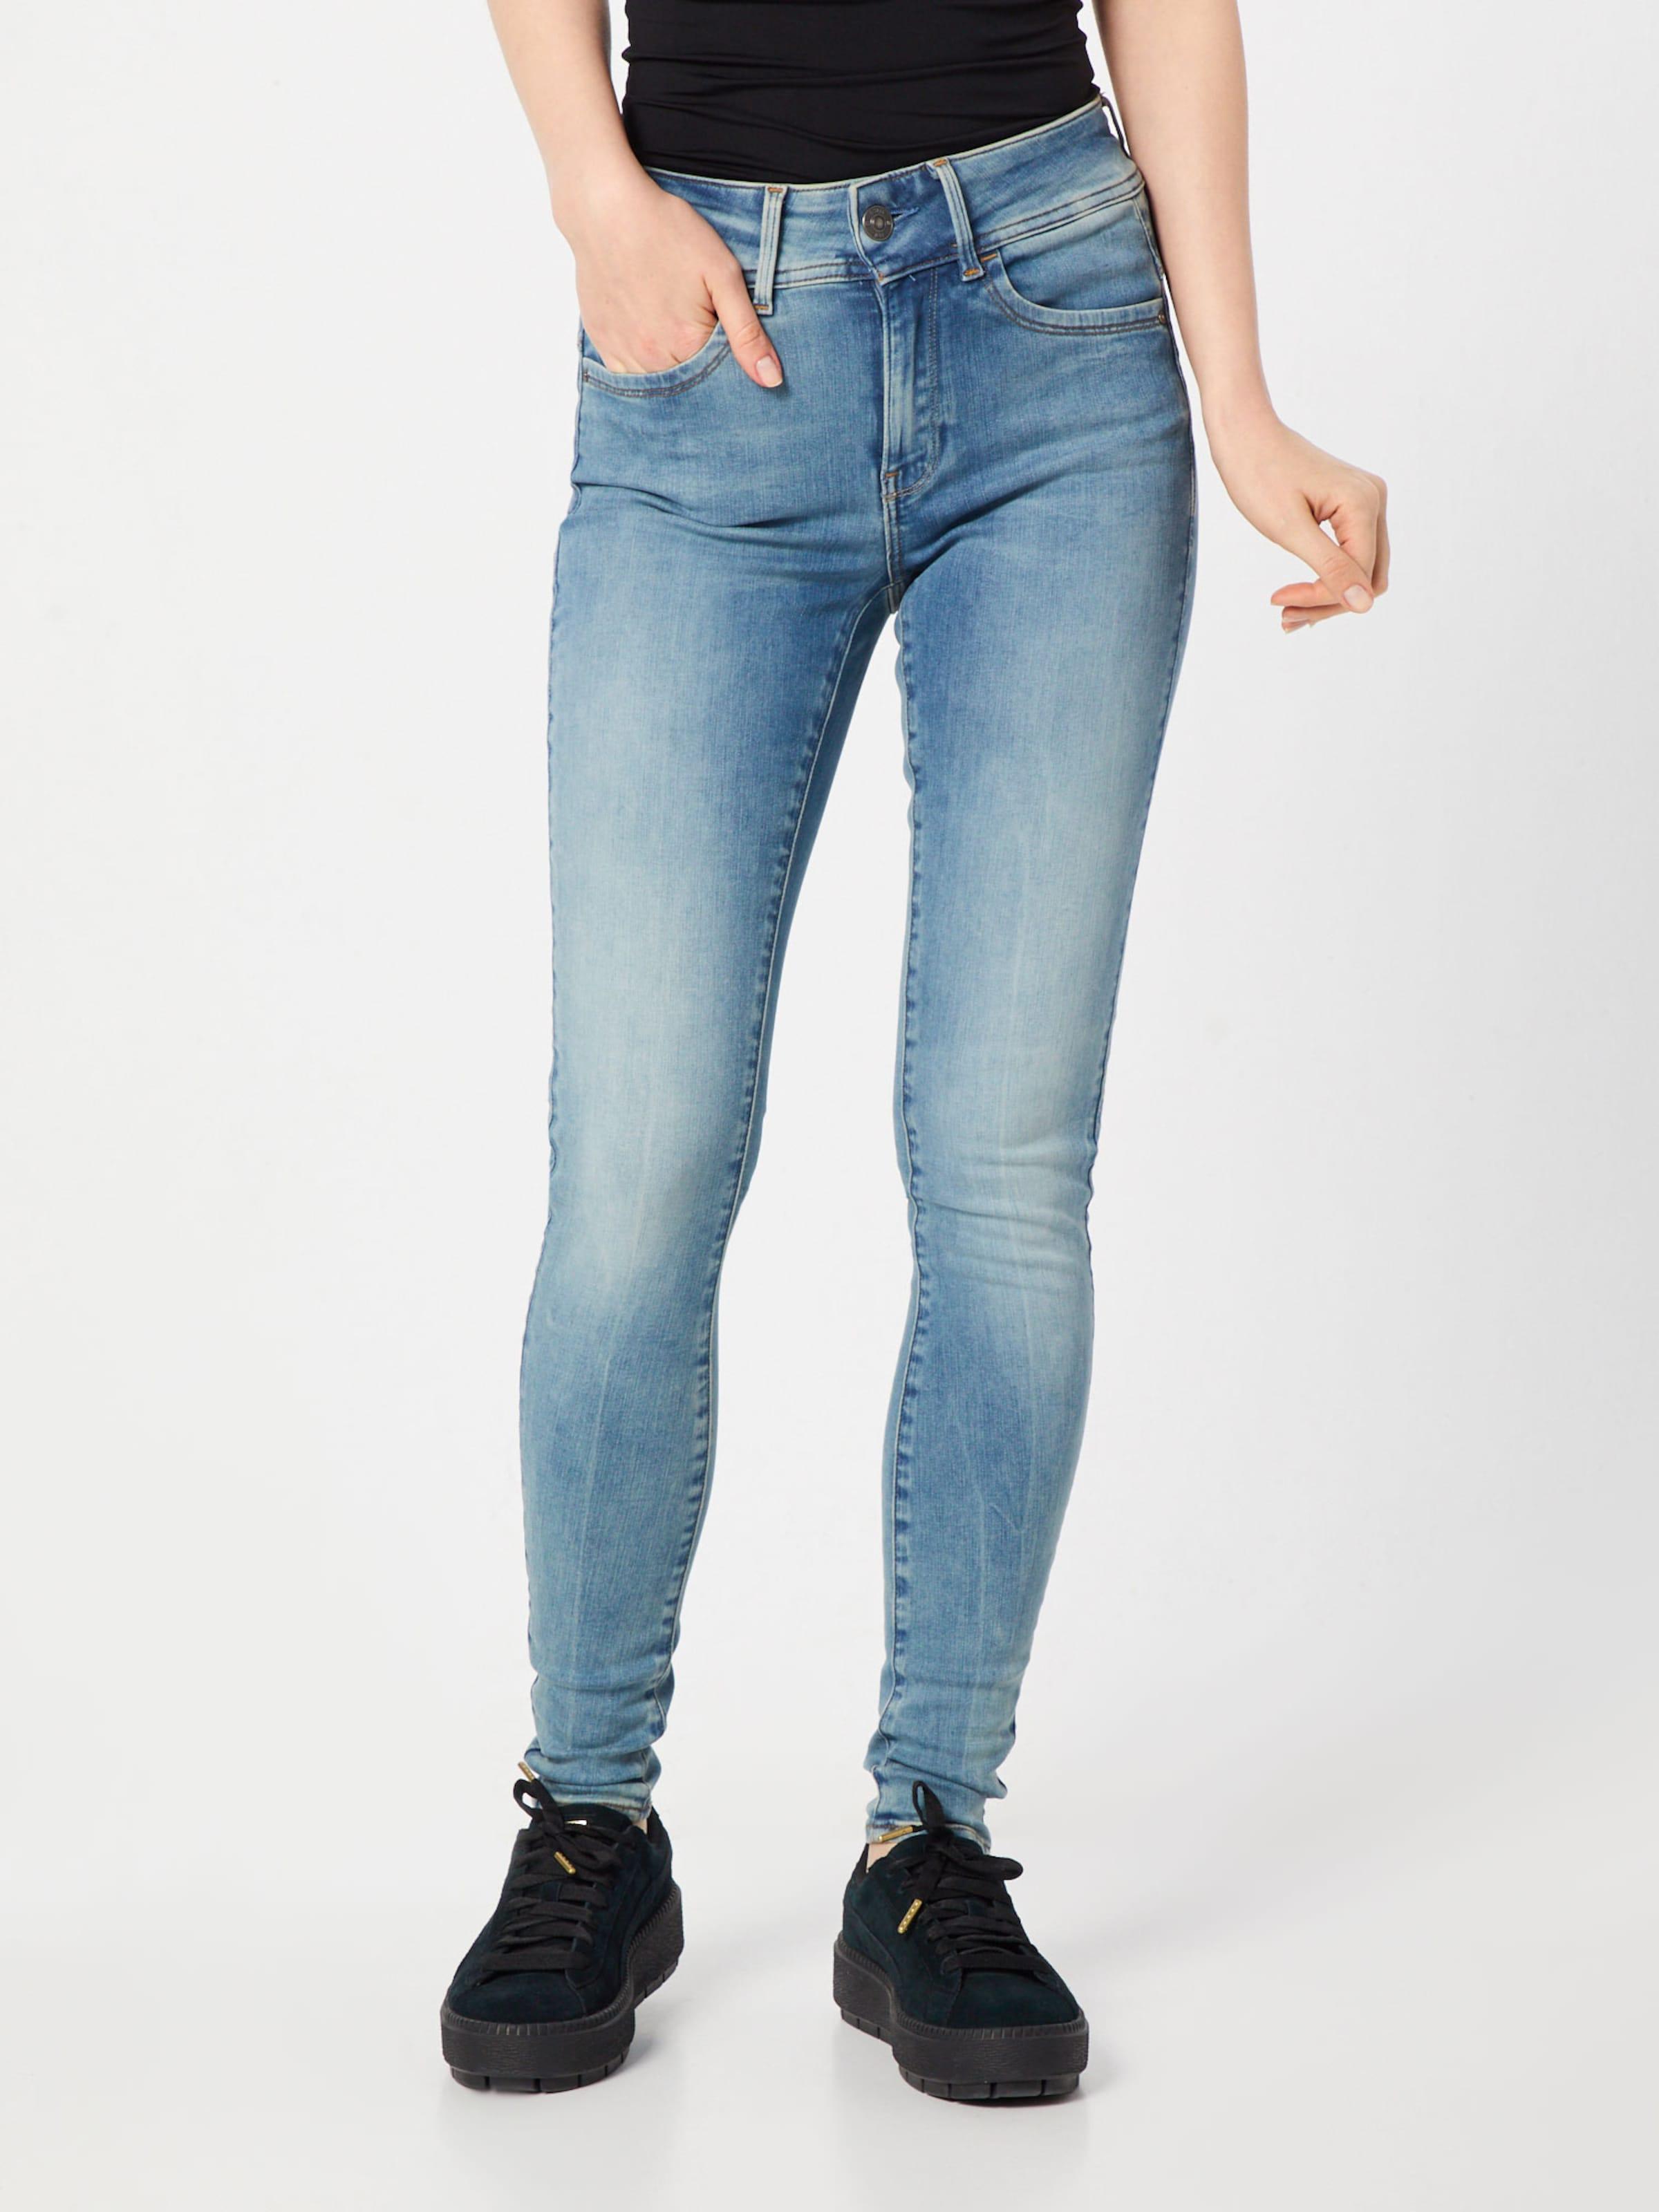 G Blue Raw star Jeans In Denim 'lynn' trdhQs